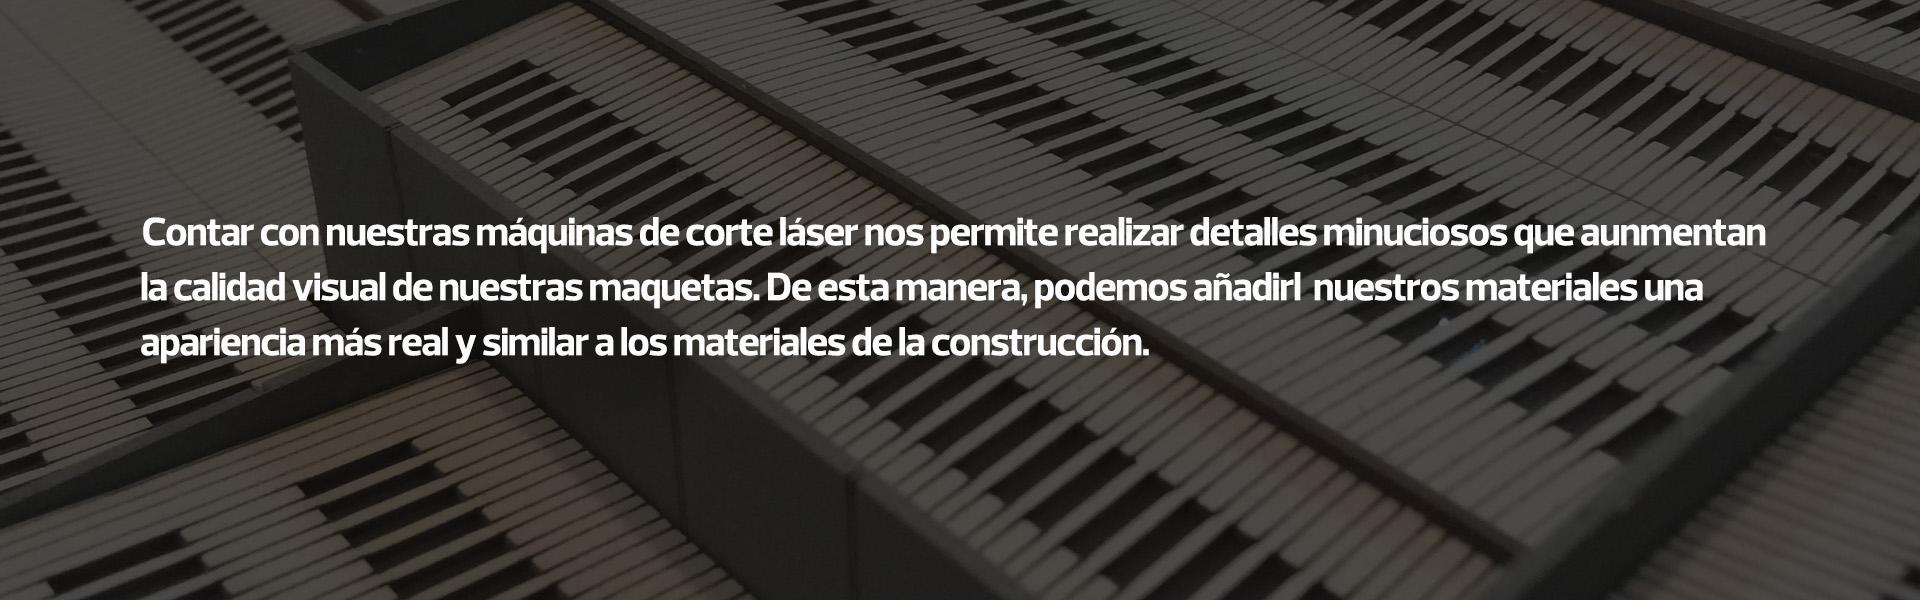 Contar con nuestras máquinas de corte láser nos permite realizar detalles minuciosos que aunmentan la calidad visual de nuestras maquetas. De esta manera, podemos añadirl nuestros materiales una apariencia más real y similar a los materiales de la construcción.